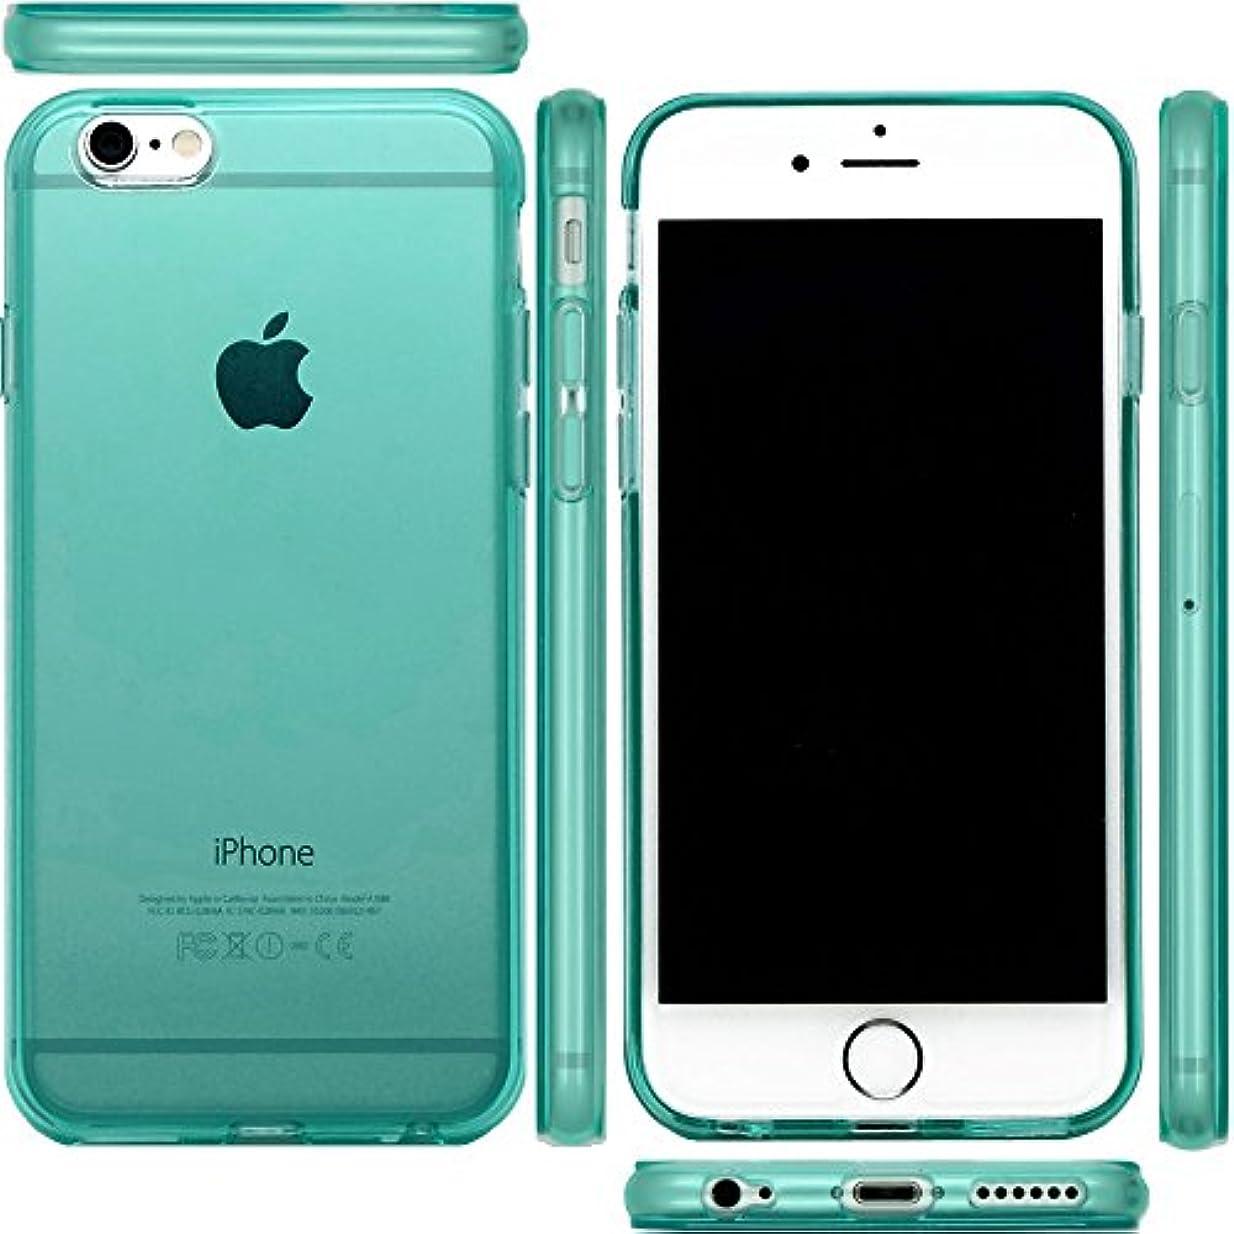 普及ジャーナリストアーサーmtmd.jp iphone 6s & iPhone 6 対応 衝撃吸収 ハード シリコン ケース カバー 6 s (つるつるタイプミント)